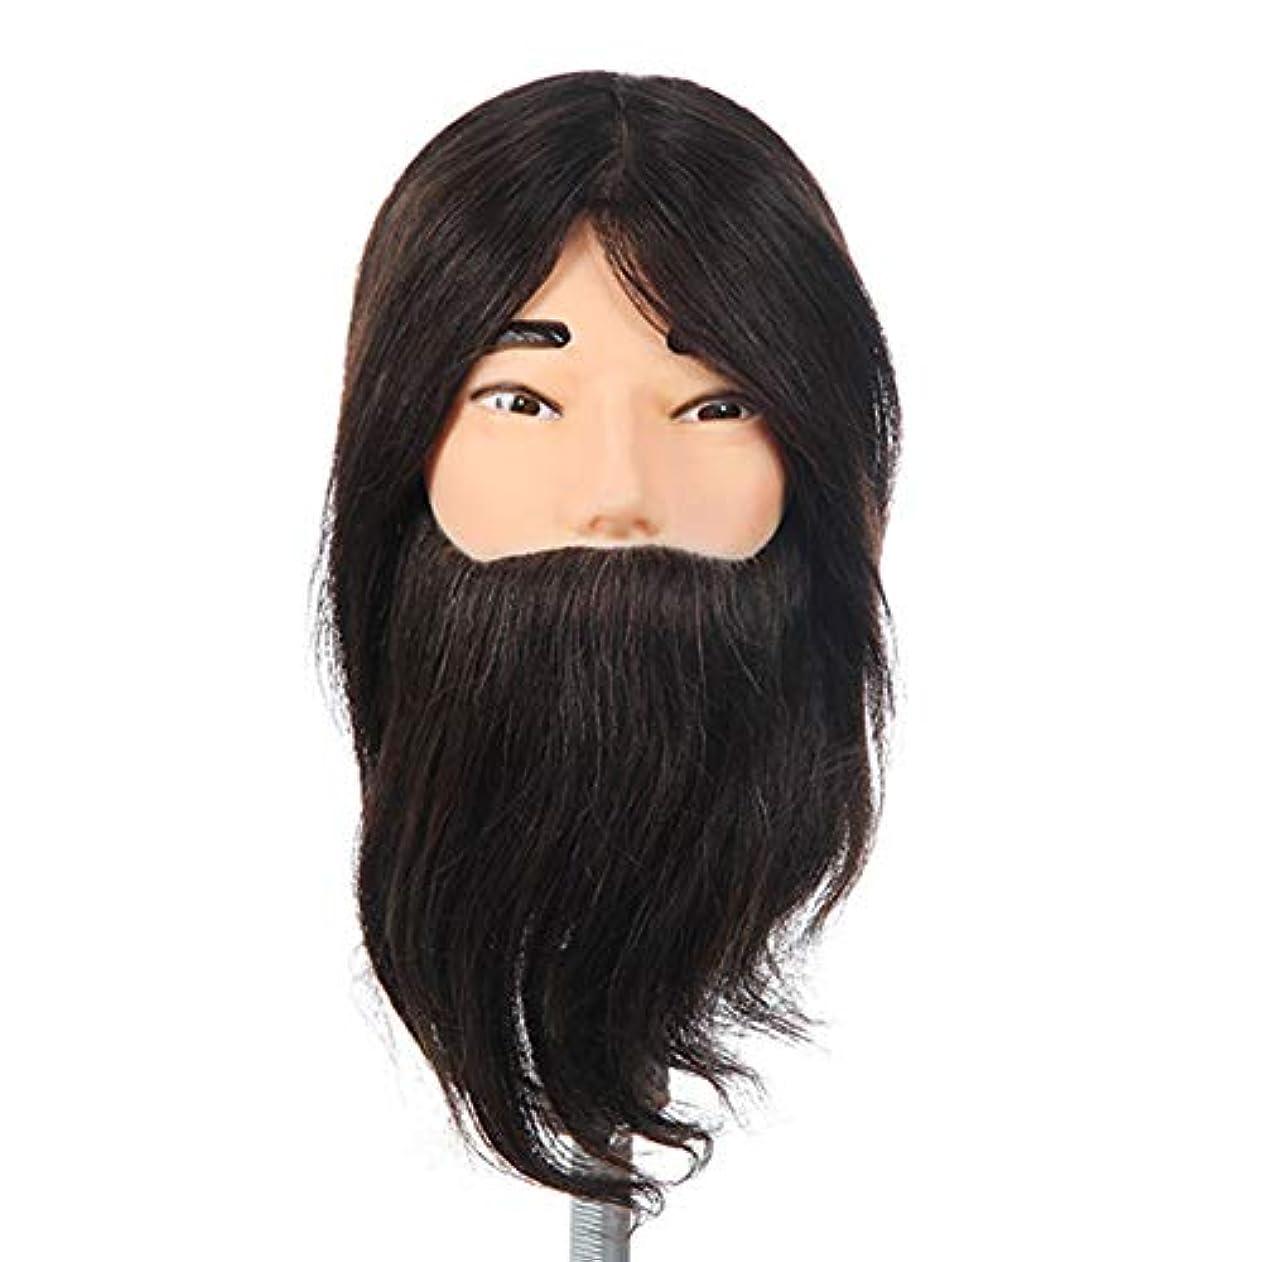 パネル正義首リアルヘア練習ヘッドモデルヘアサロントリミングパーマ染毛剤学習ダミーヘッドひげを生やした男性化粧マネキンヘッド